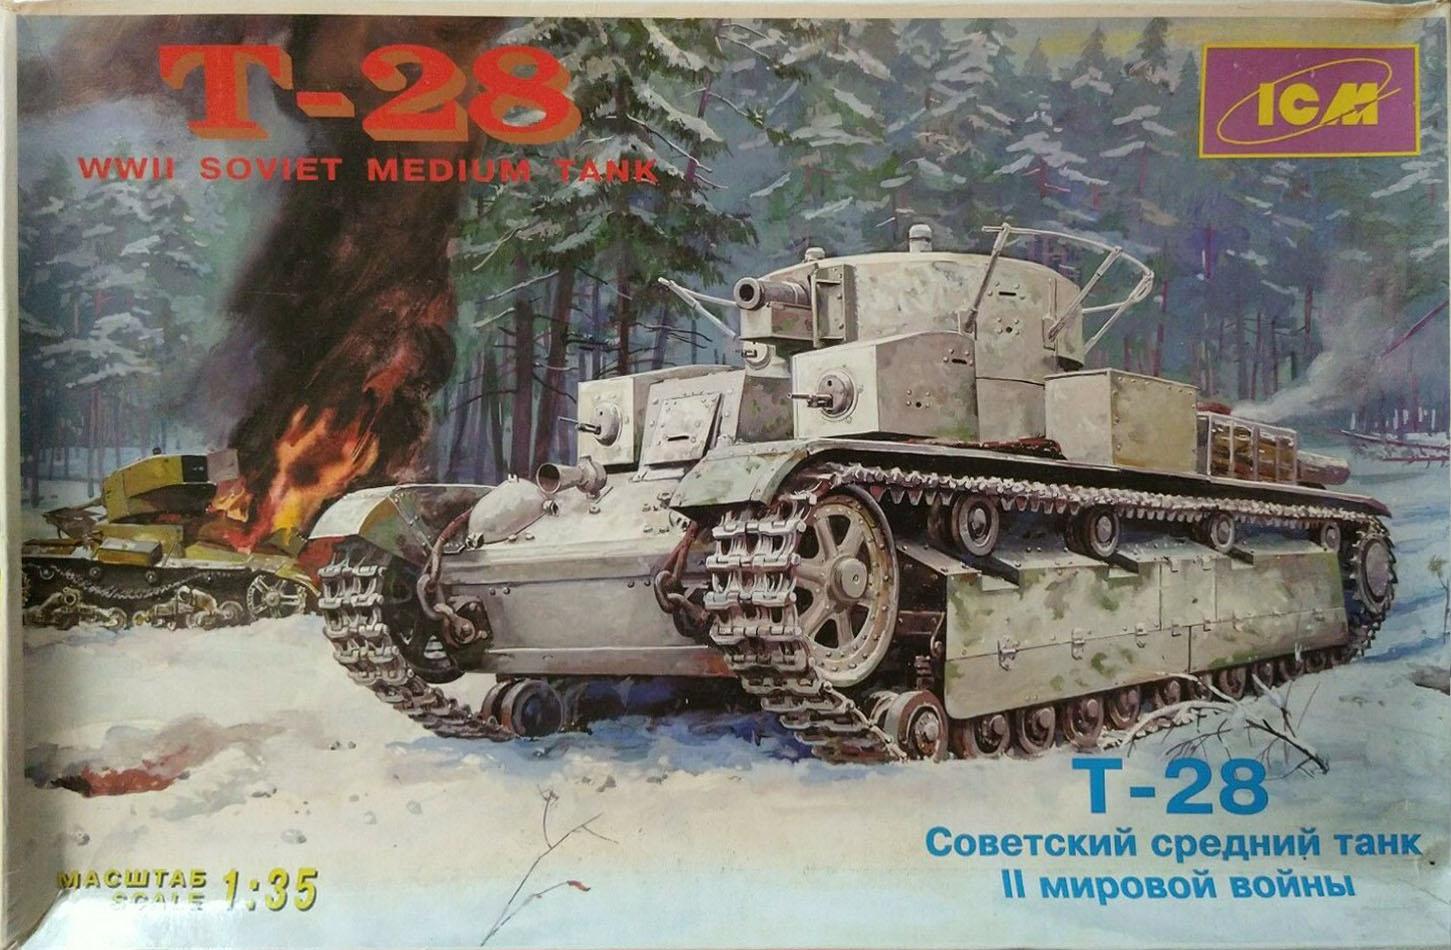 35031 T-28 Soviet Medium Tank Image